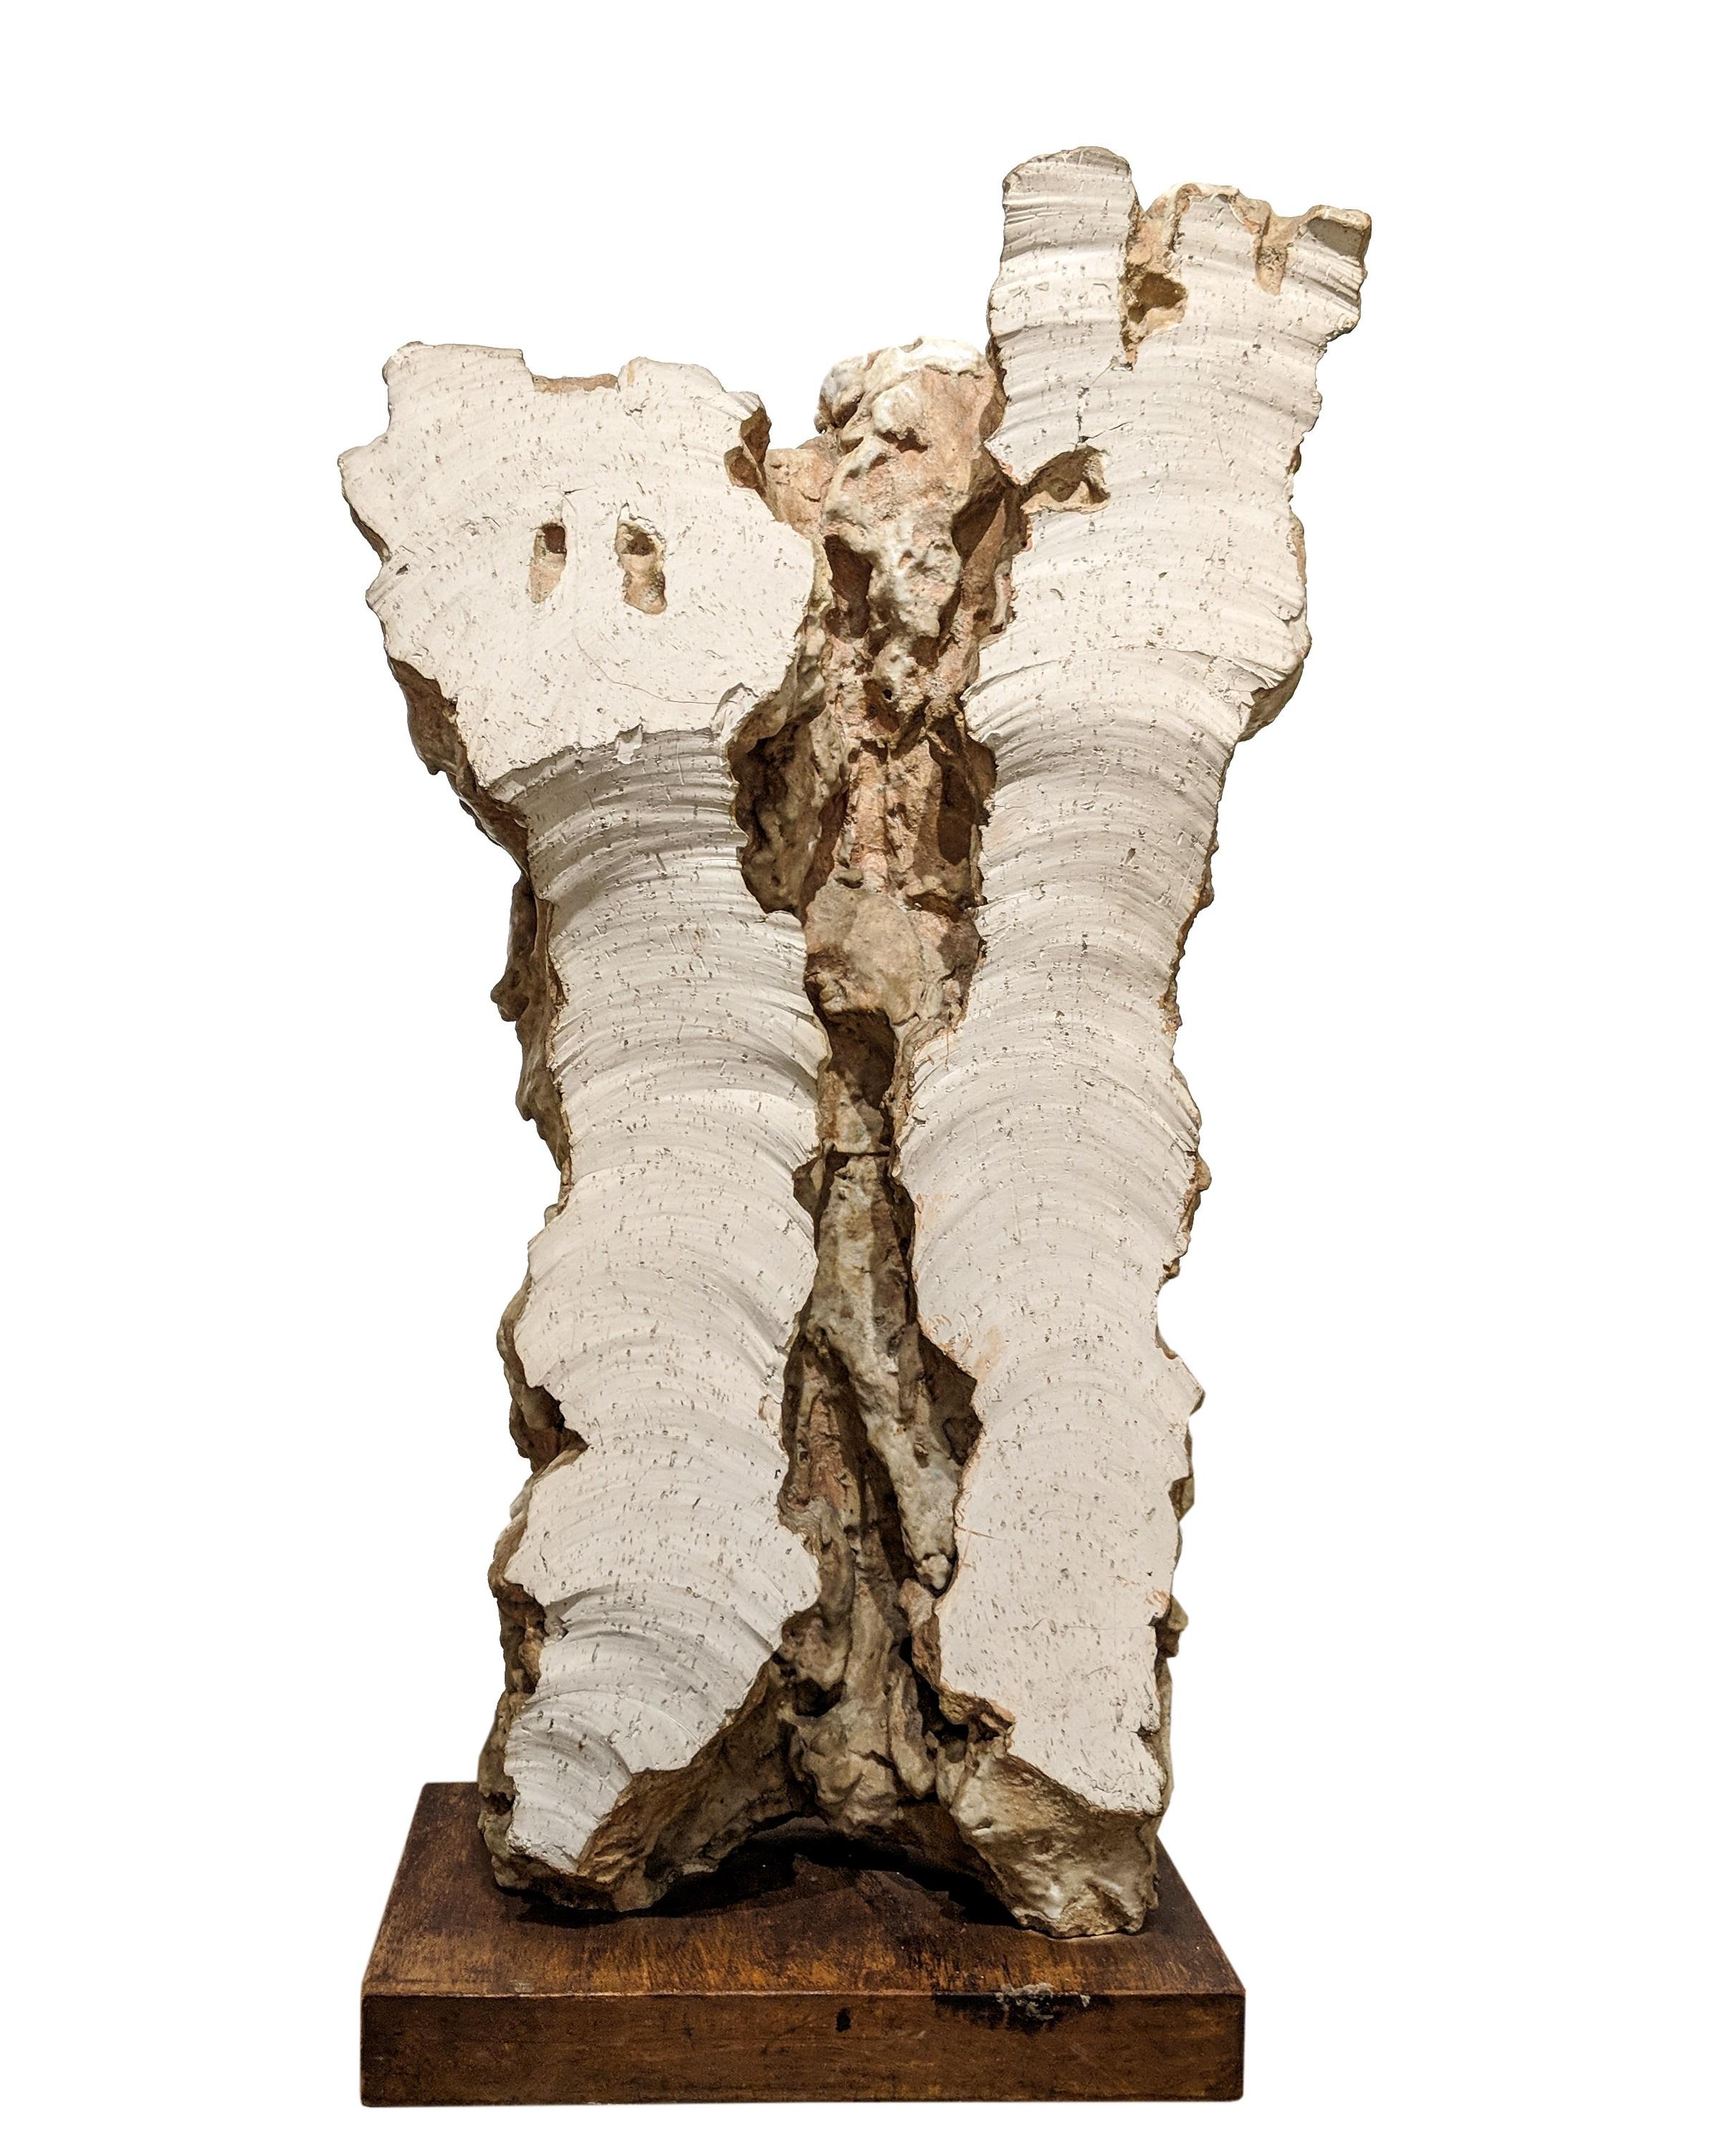 Leoncillo Leonardi (Italian, 1915-1968) Taglio Bianco, 1962. Sold For $168,750 At Partner Capsule Gallery Auction